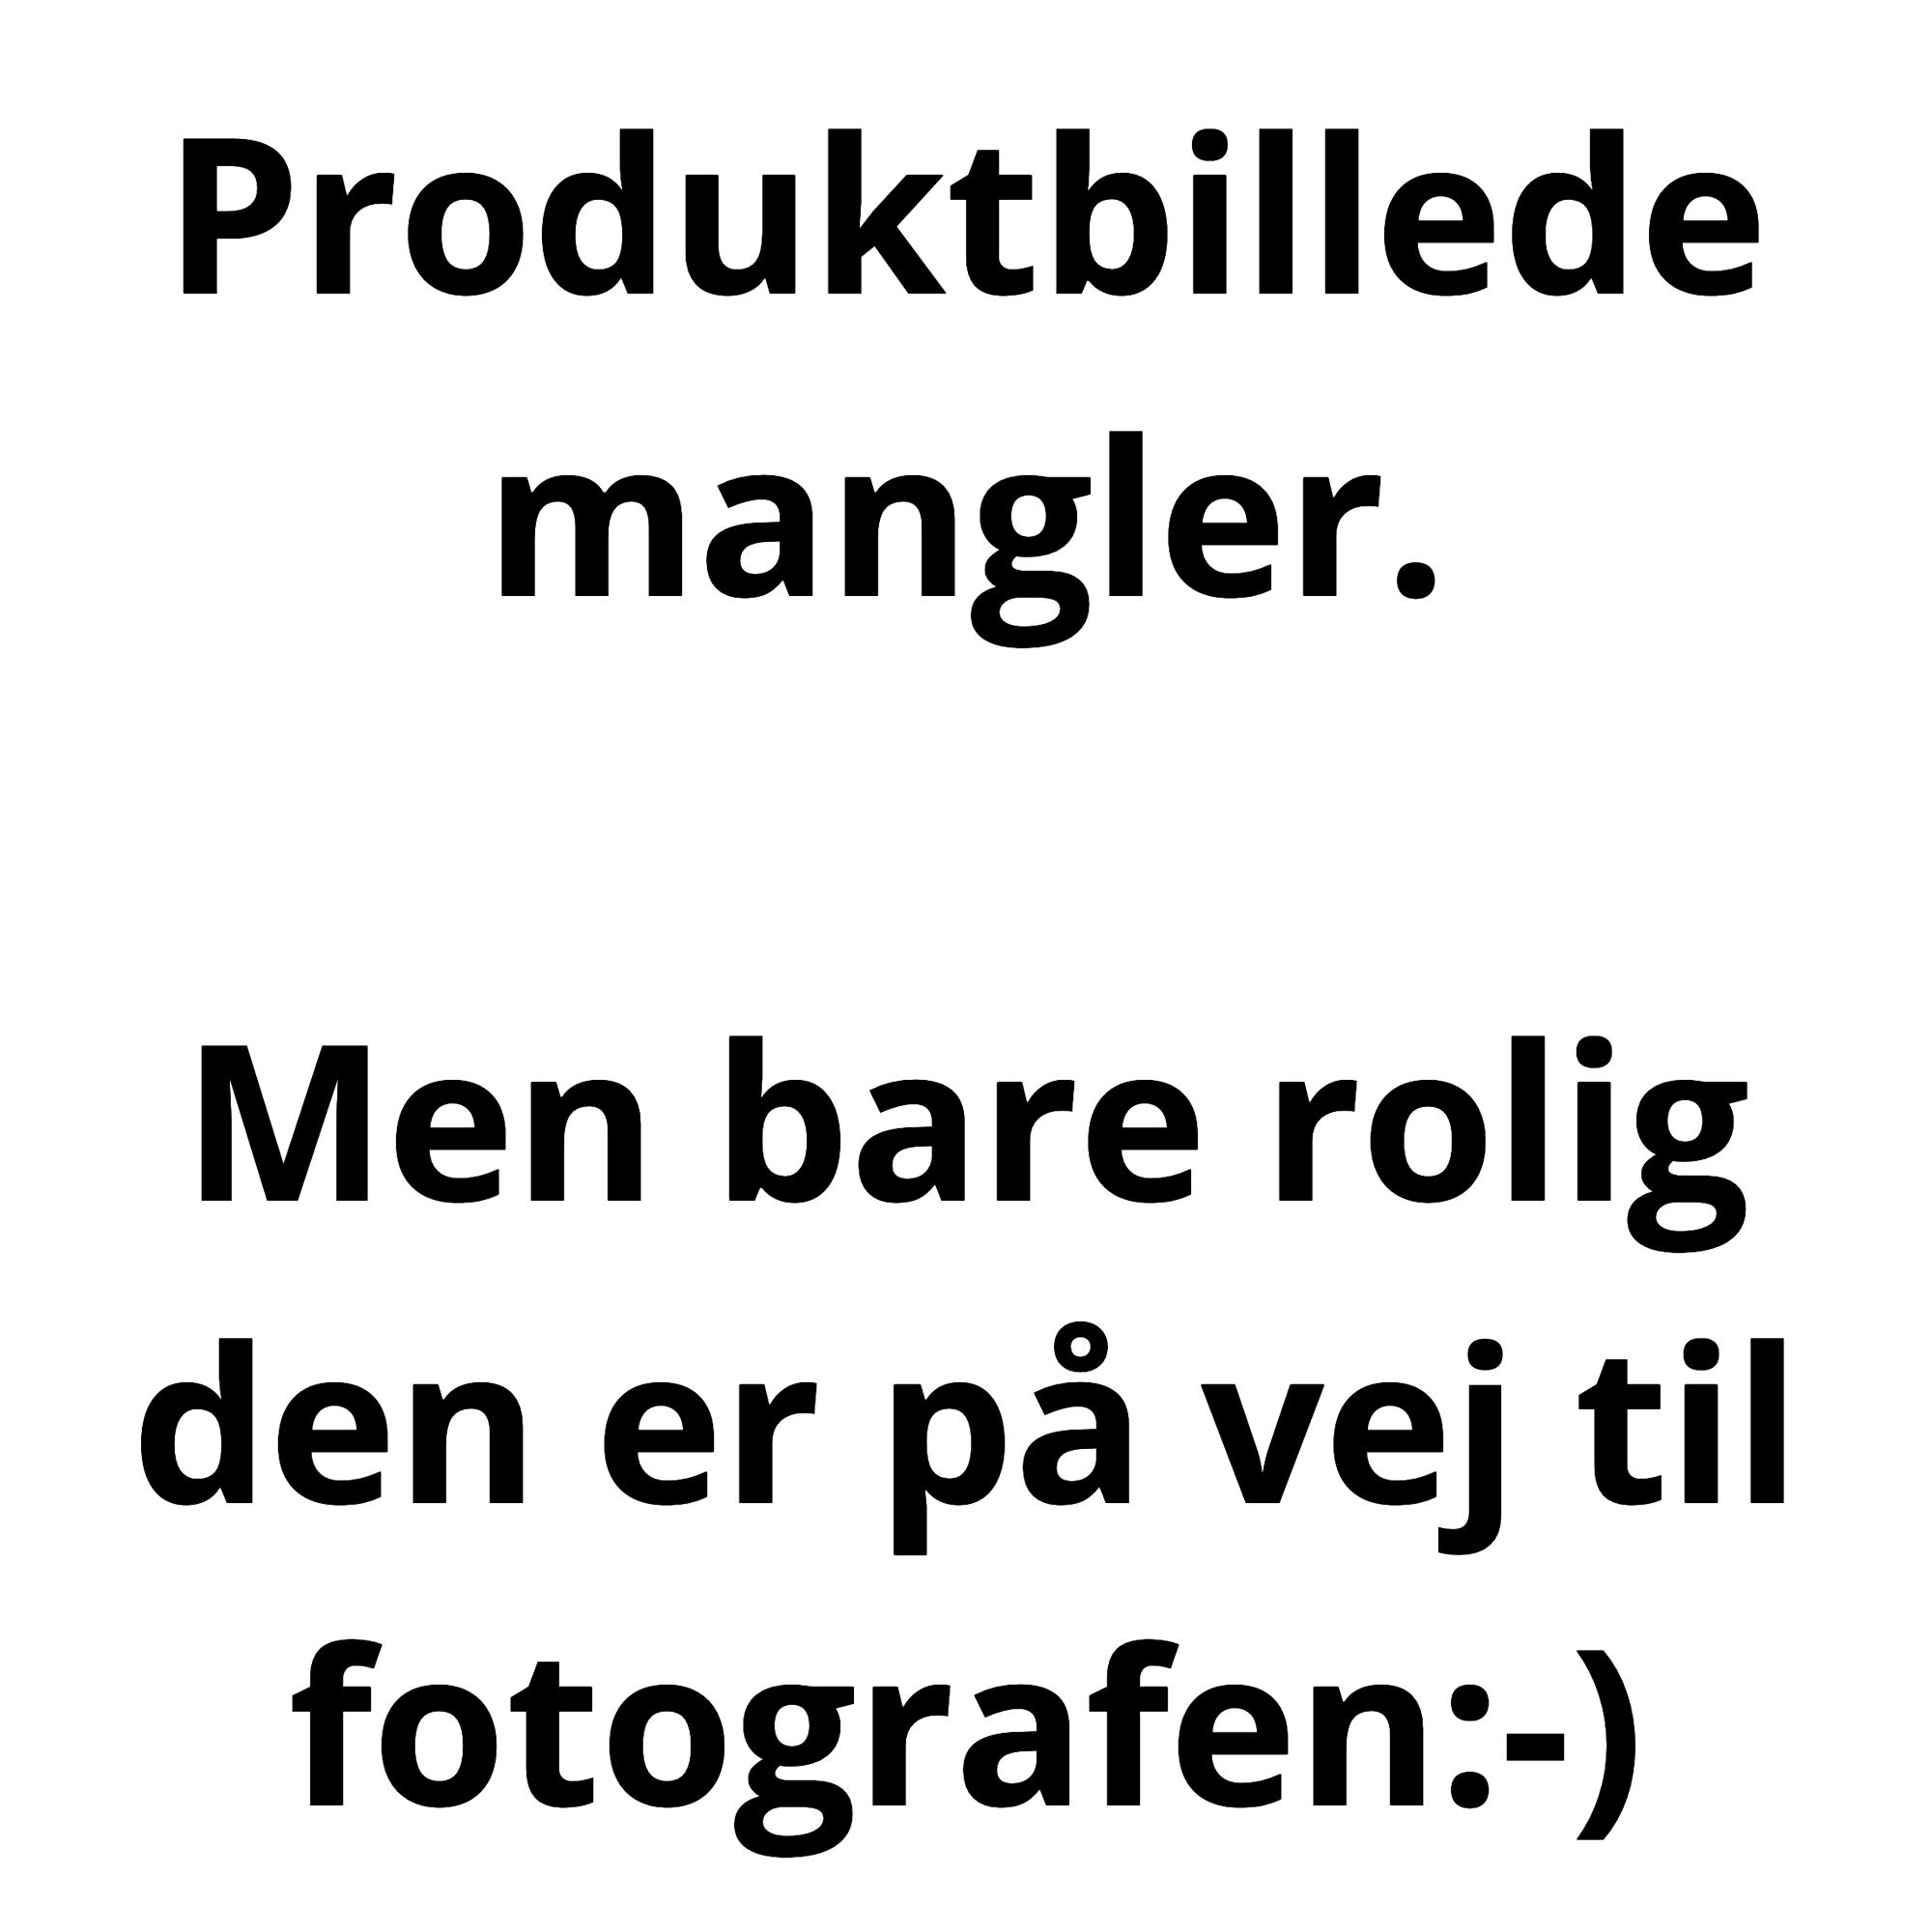 Brodit Aktiv Mobilholder med cigar adapter til Apple iPhone 5/5S/5C B:62-77 D:9-13mm - 521504